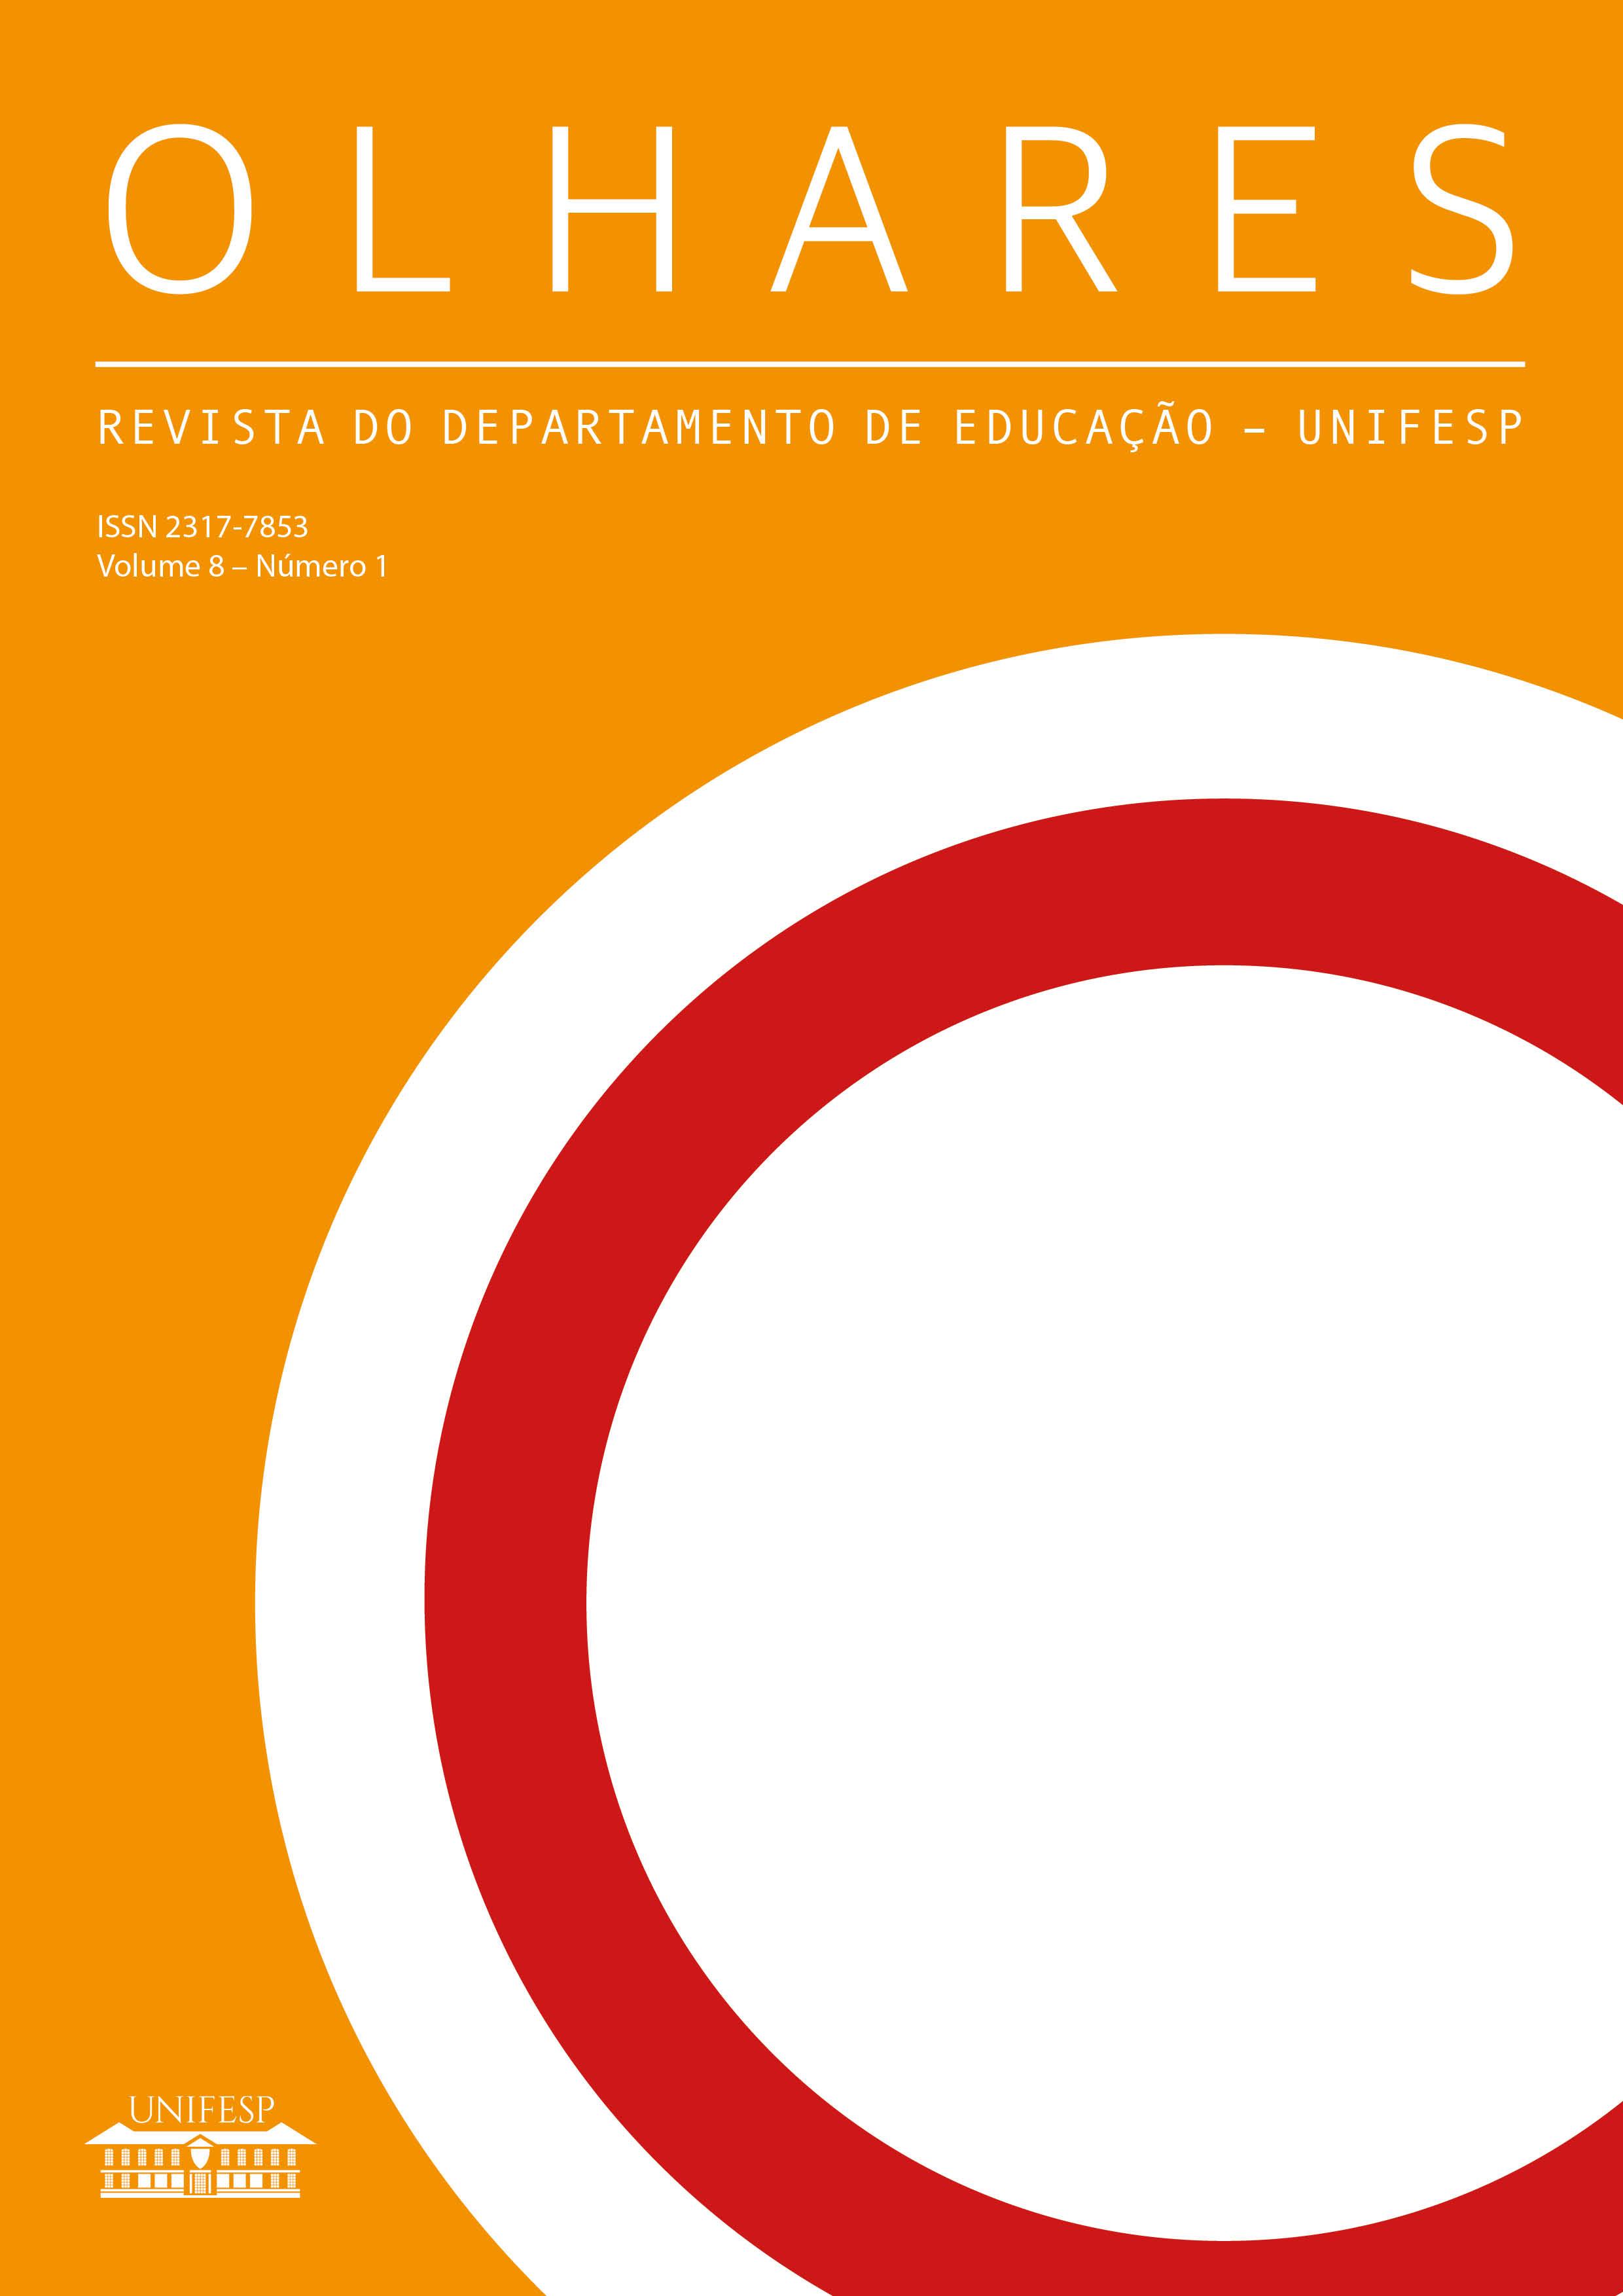 Visualizar v. 8 n. 1 (2020): Revista Olhares - REVISTA DO DEPARTAMENTO DE EDUCAÇÃO - UNIFESP